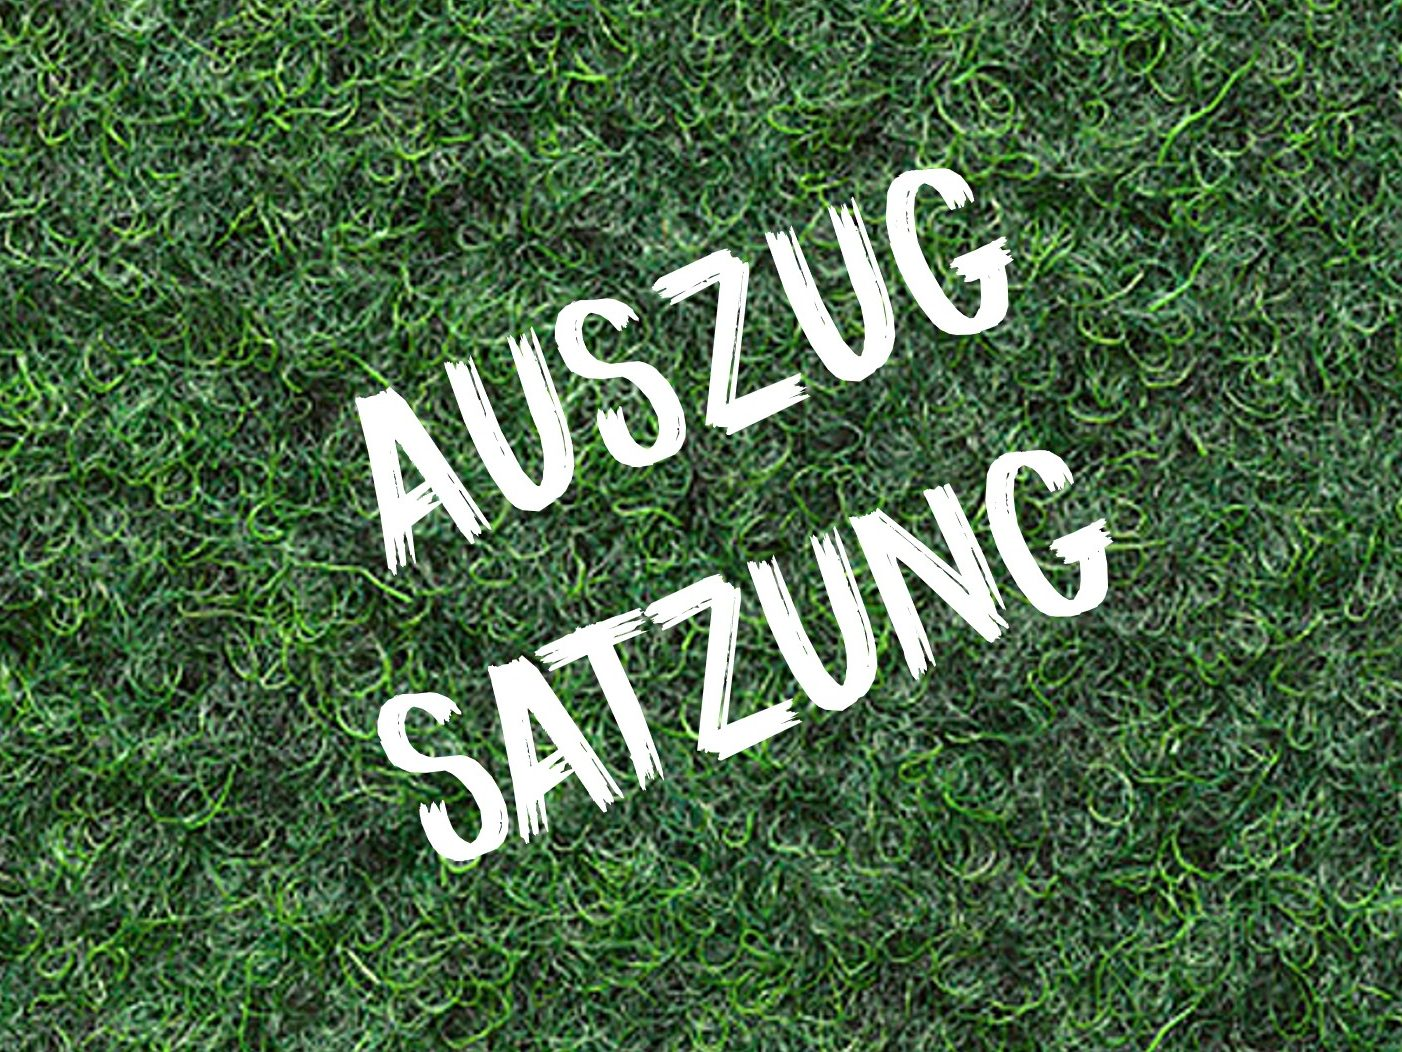 https://schwarzweissmuenchen.de/wp-content/uploads/2020/04/SATZUNG-e1587832202943.jpg